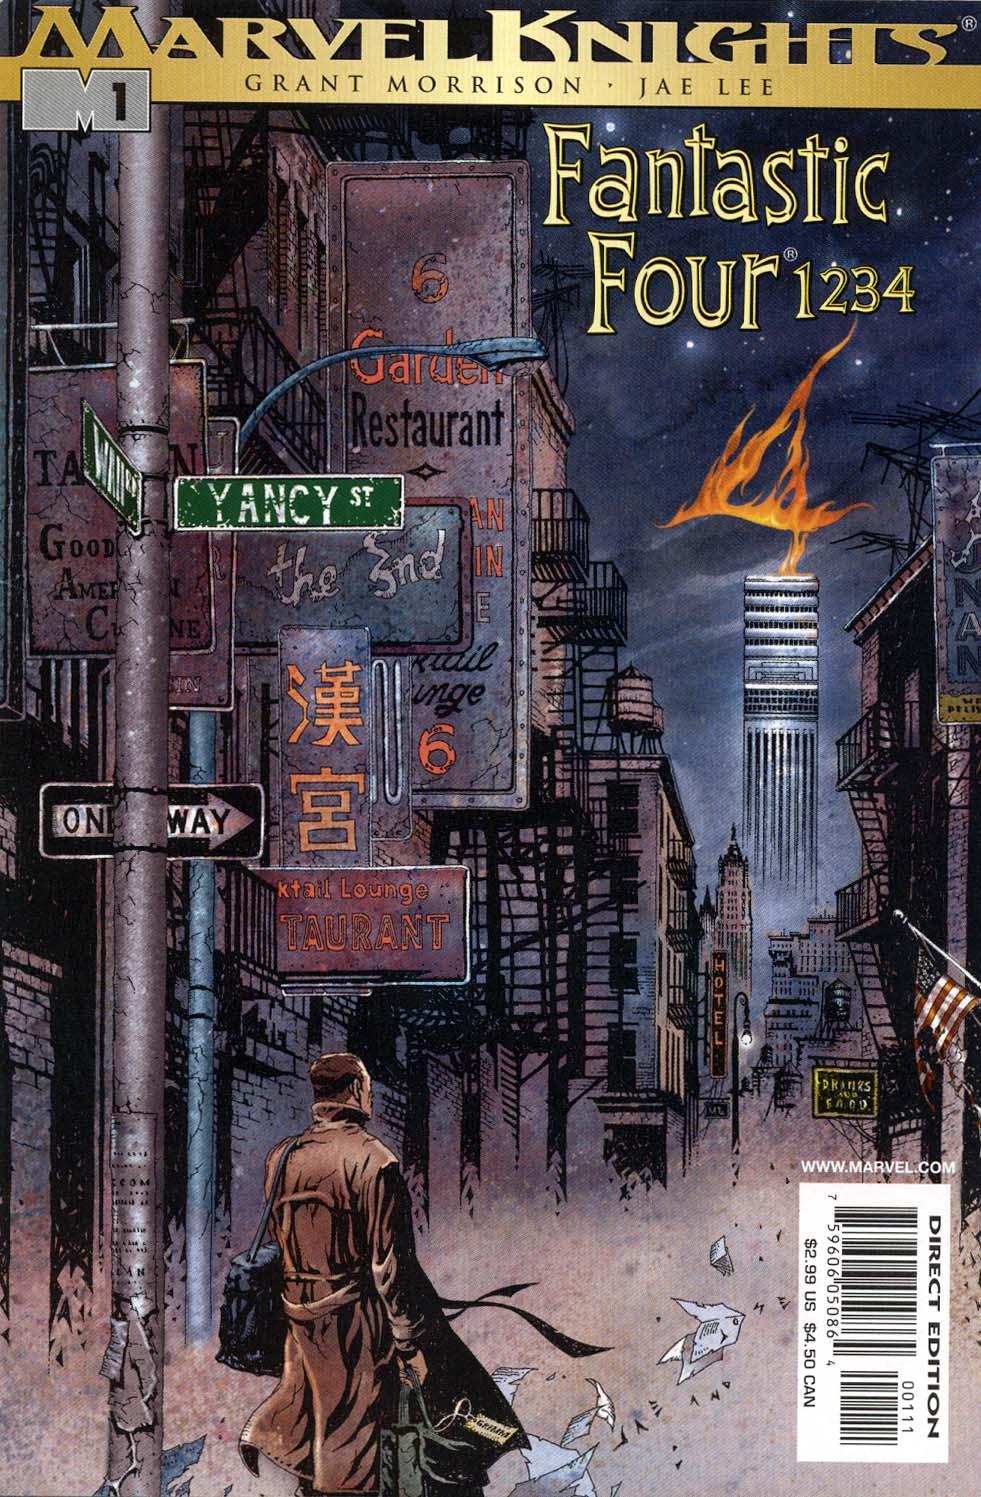 Fantastic Four: 1 2 3 4 Vol 1 1